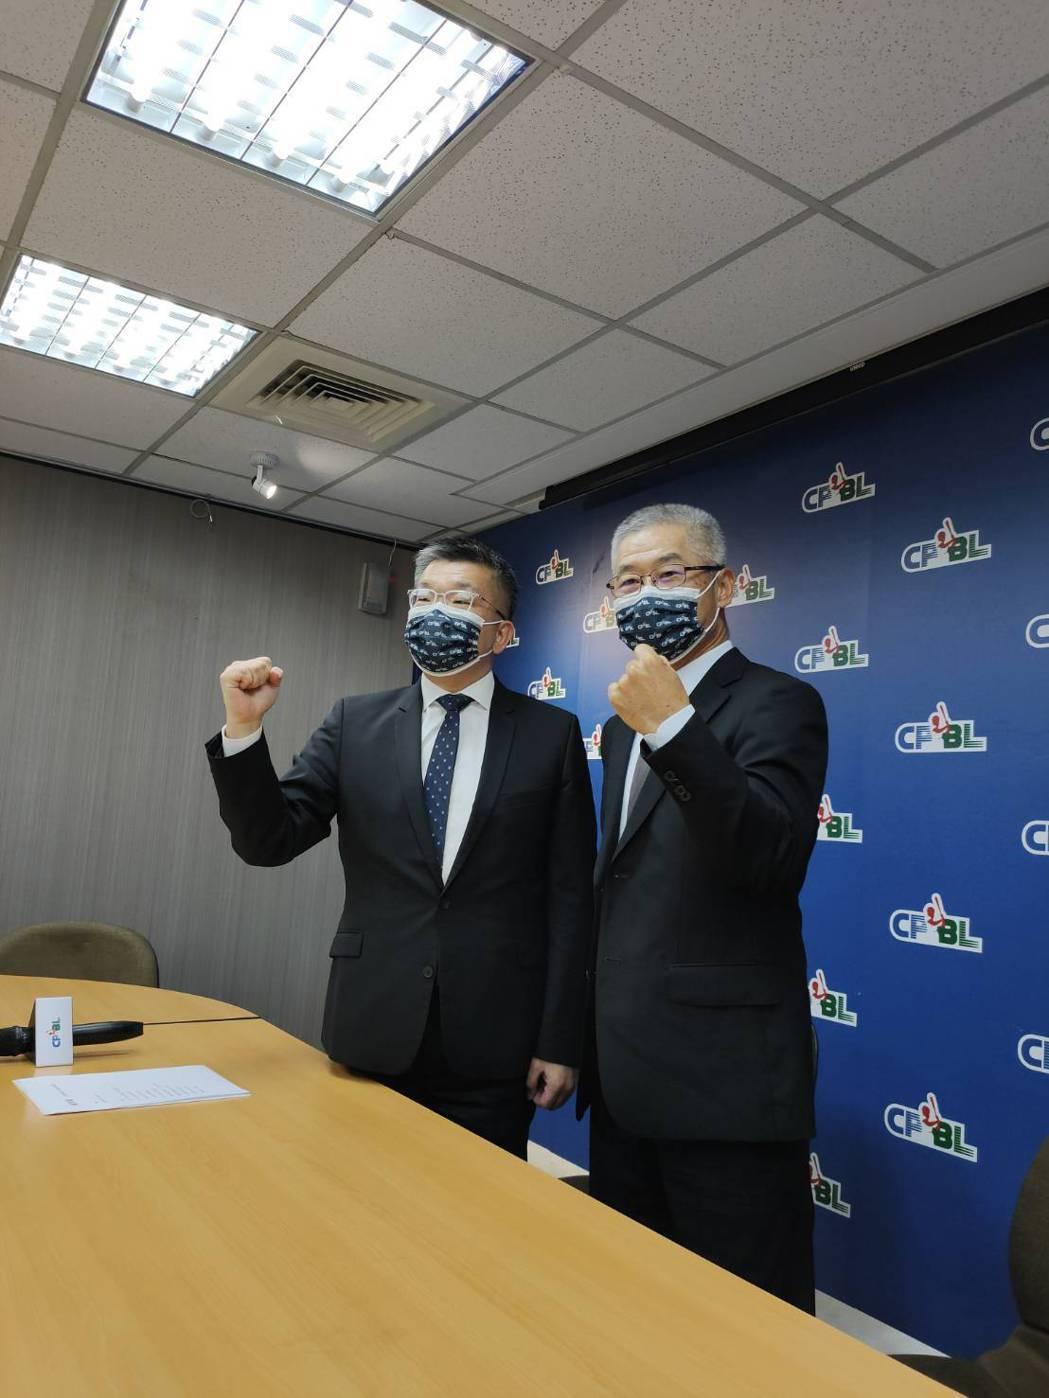 中職會長蔡其昌(左)和秘書長楊清瓏合影。記者婁靖平/攝影